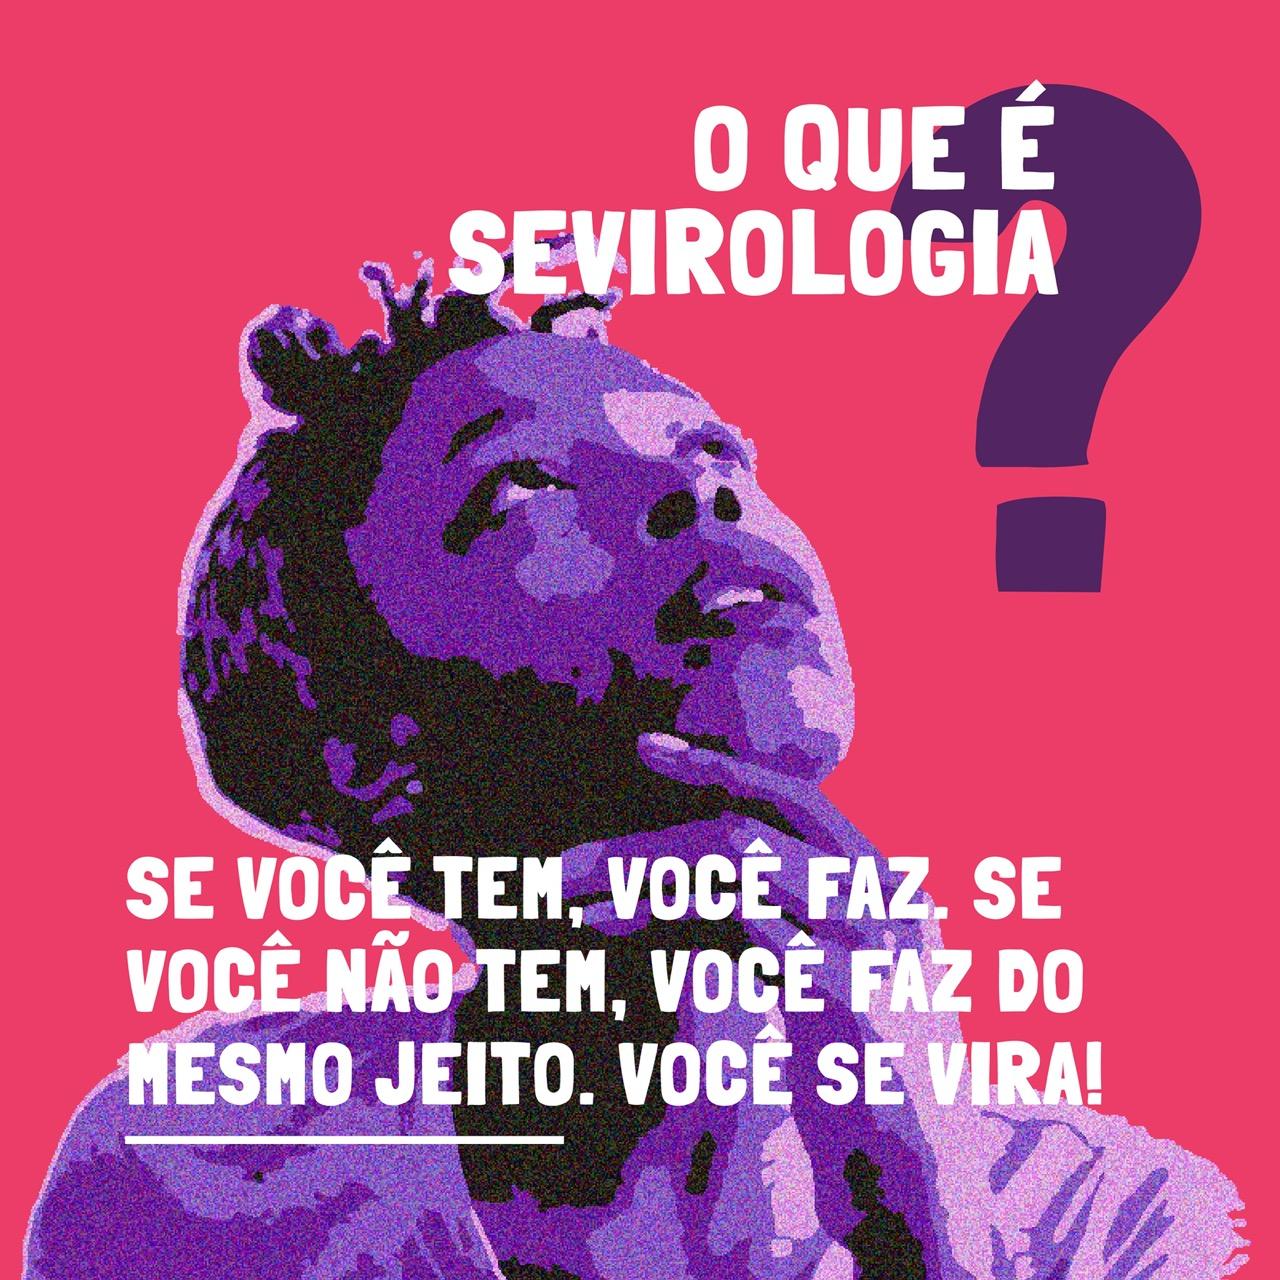 Usina de Valores promove live amanhã (11) sobre direitos do povo favelado, negro e indígena